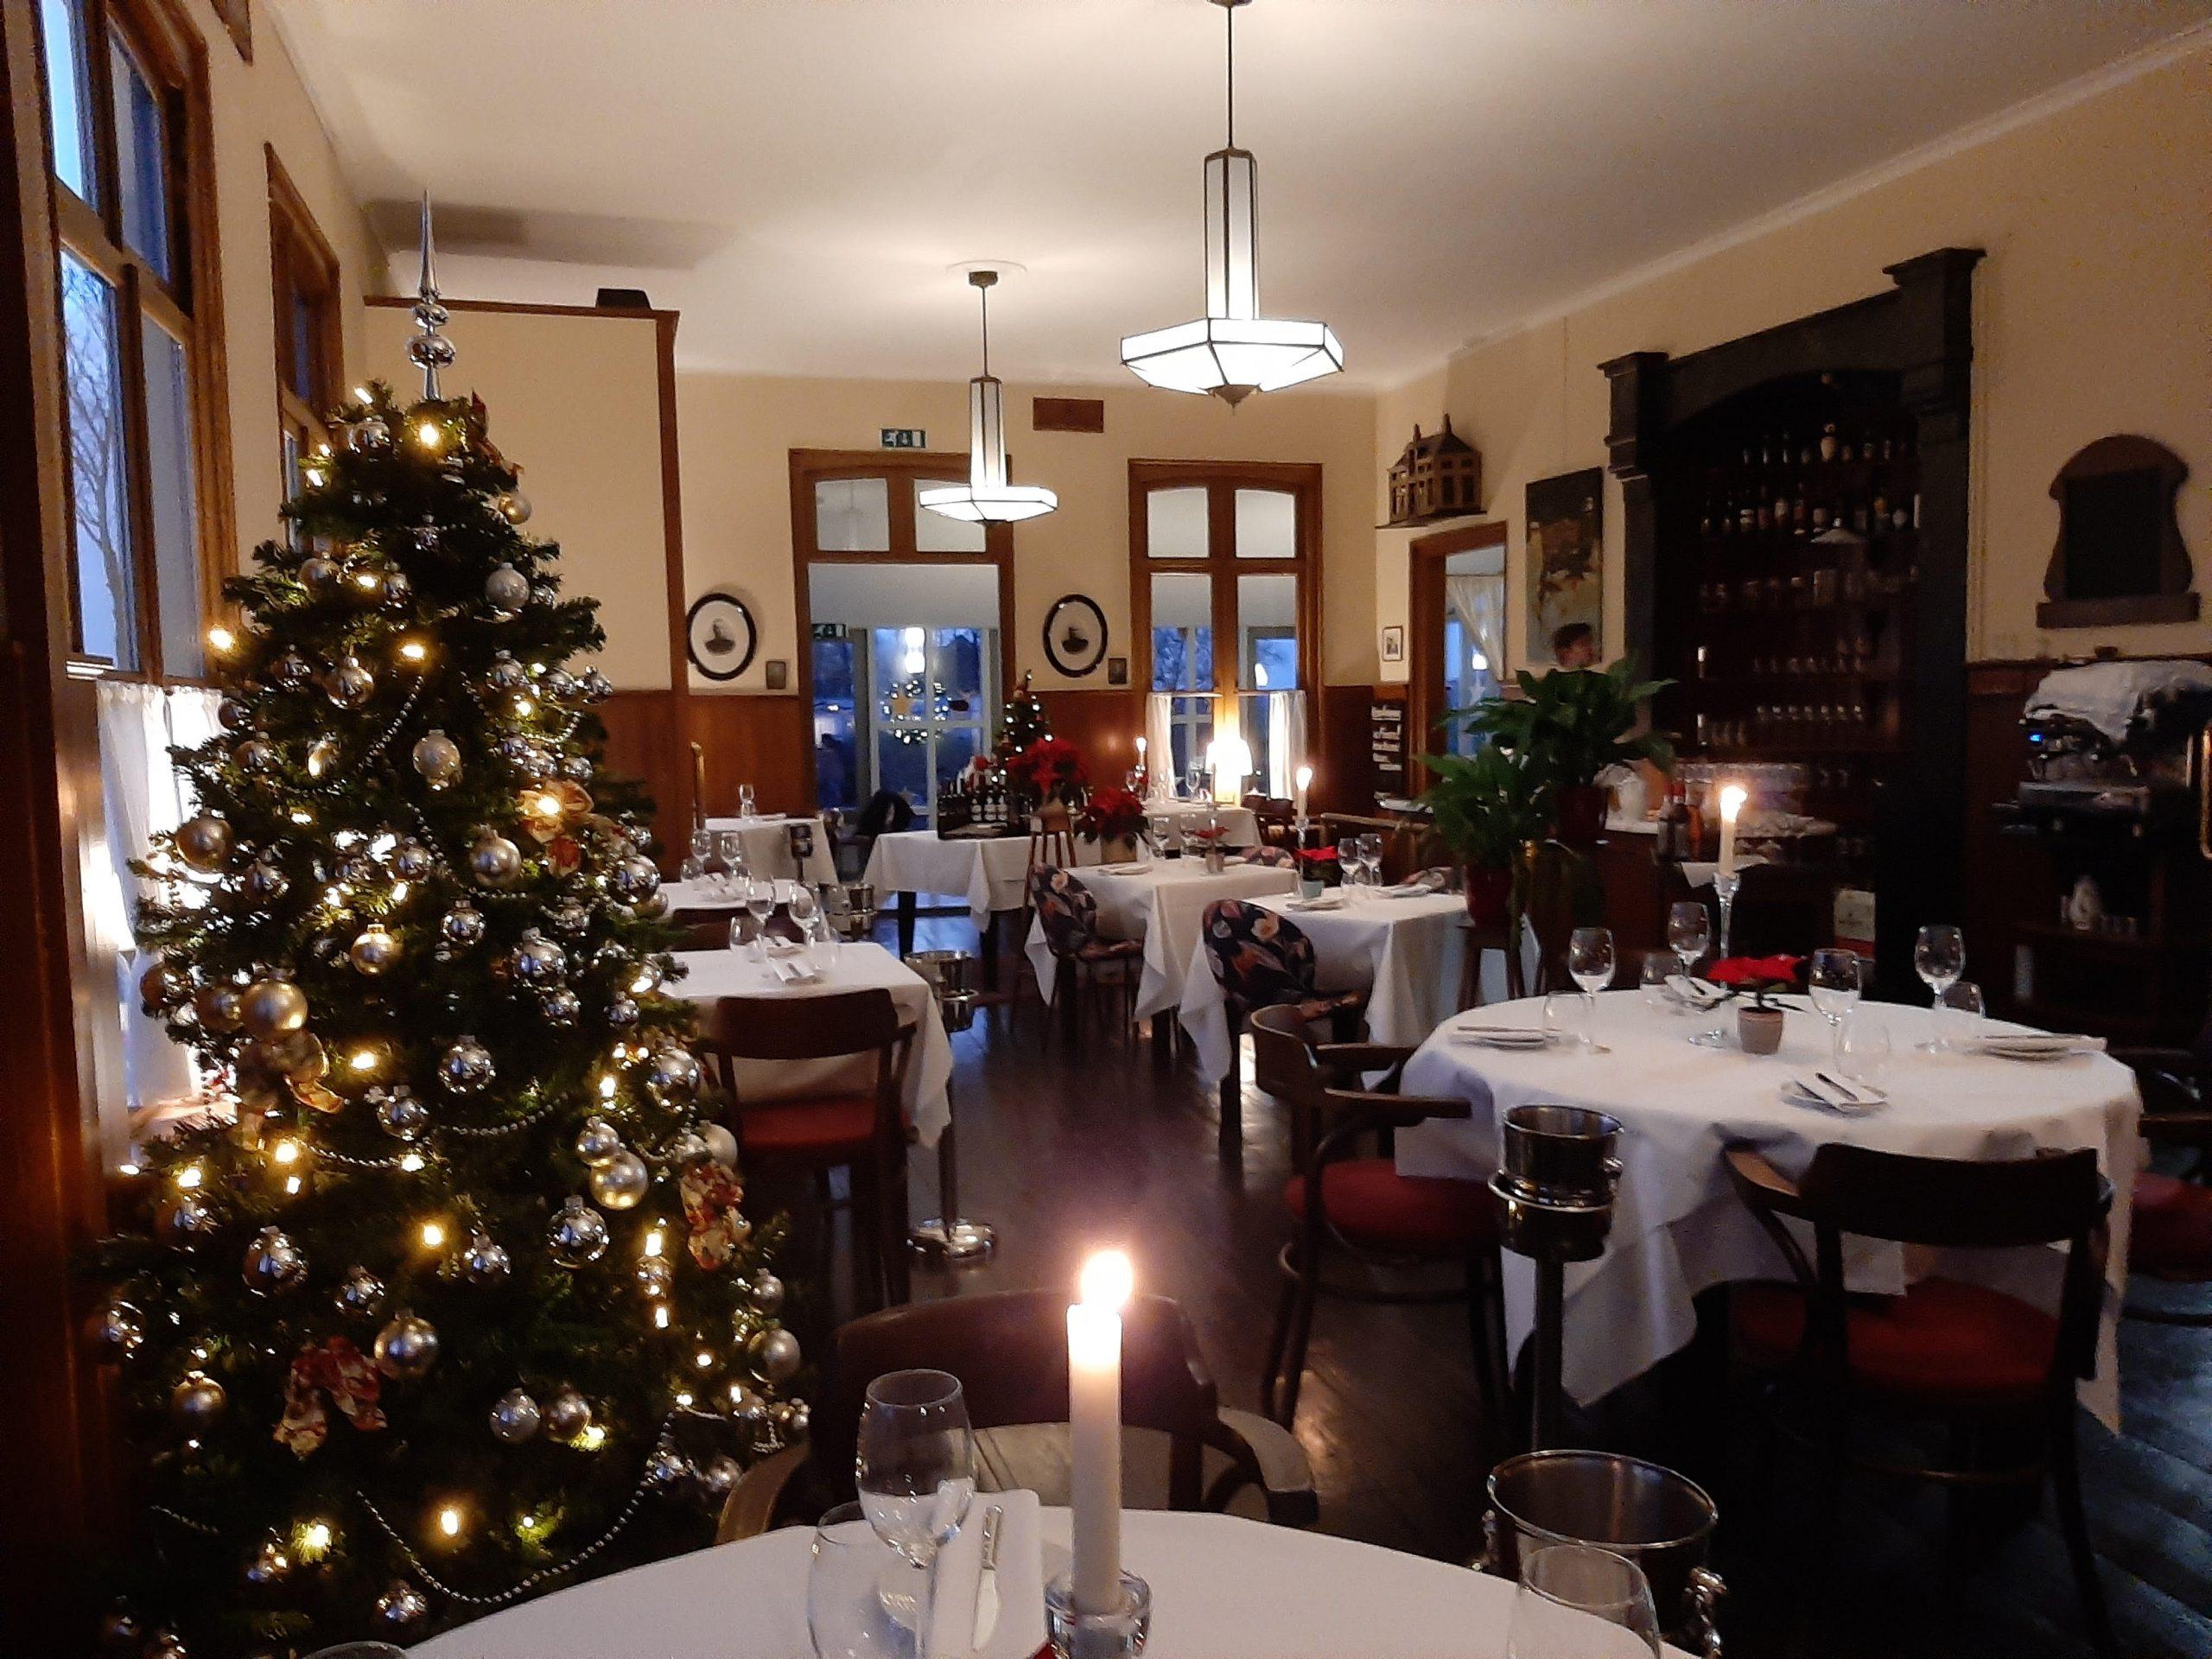 Met kerstmis genieten van een heerlijk diner in Lokaal op Hatsum. Ter voorbereiding hebben we ons restaurant in kerstsfeer gehuld. Wij zien U en Uw gasten dan ook graag. Tijdens… Bekijken